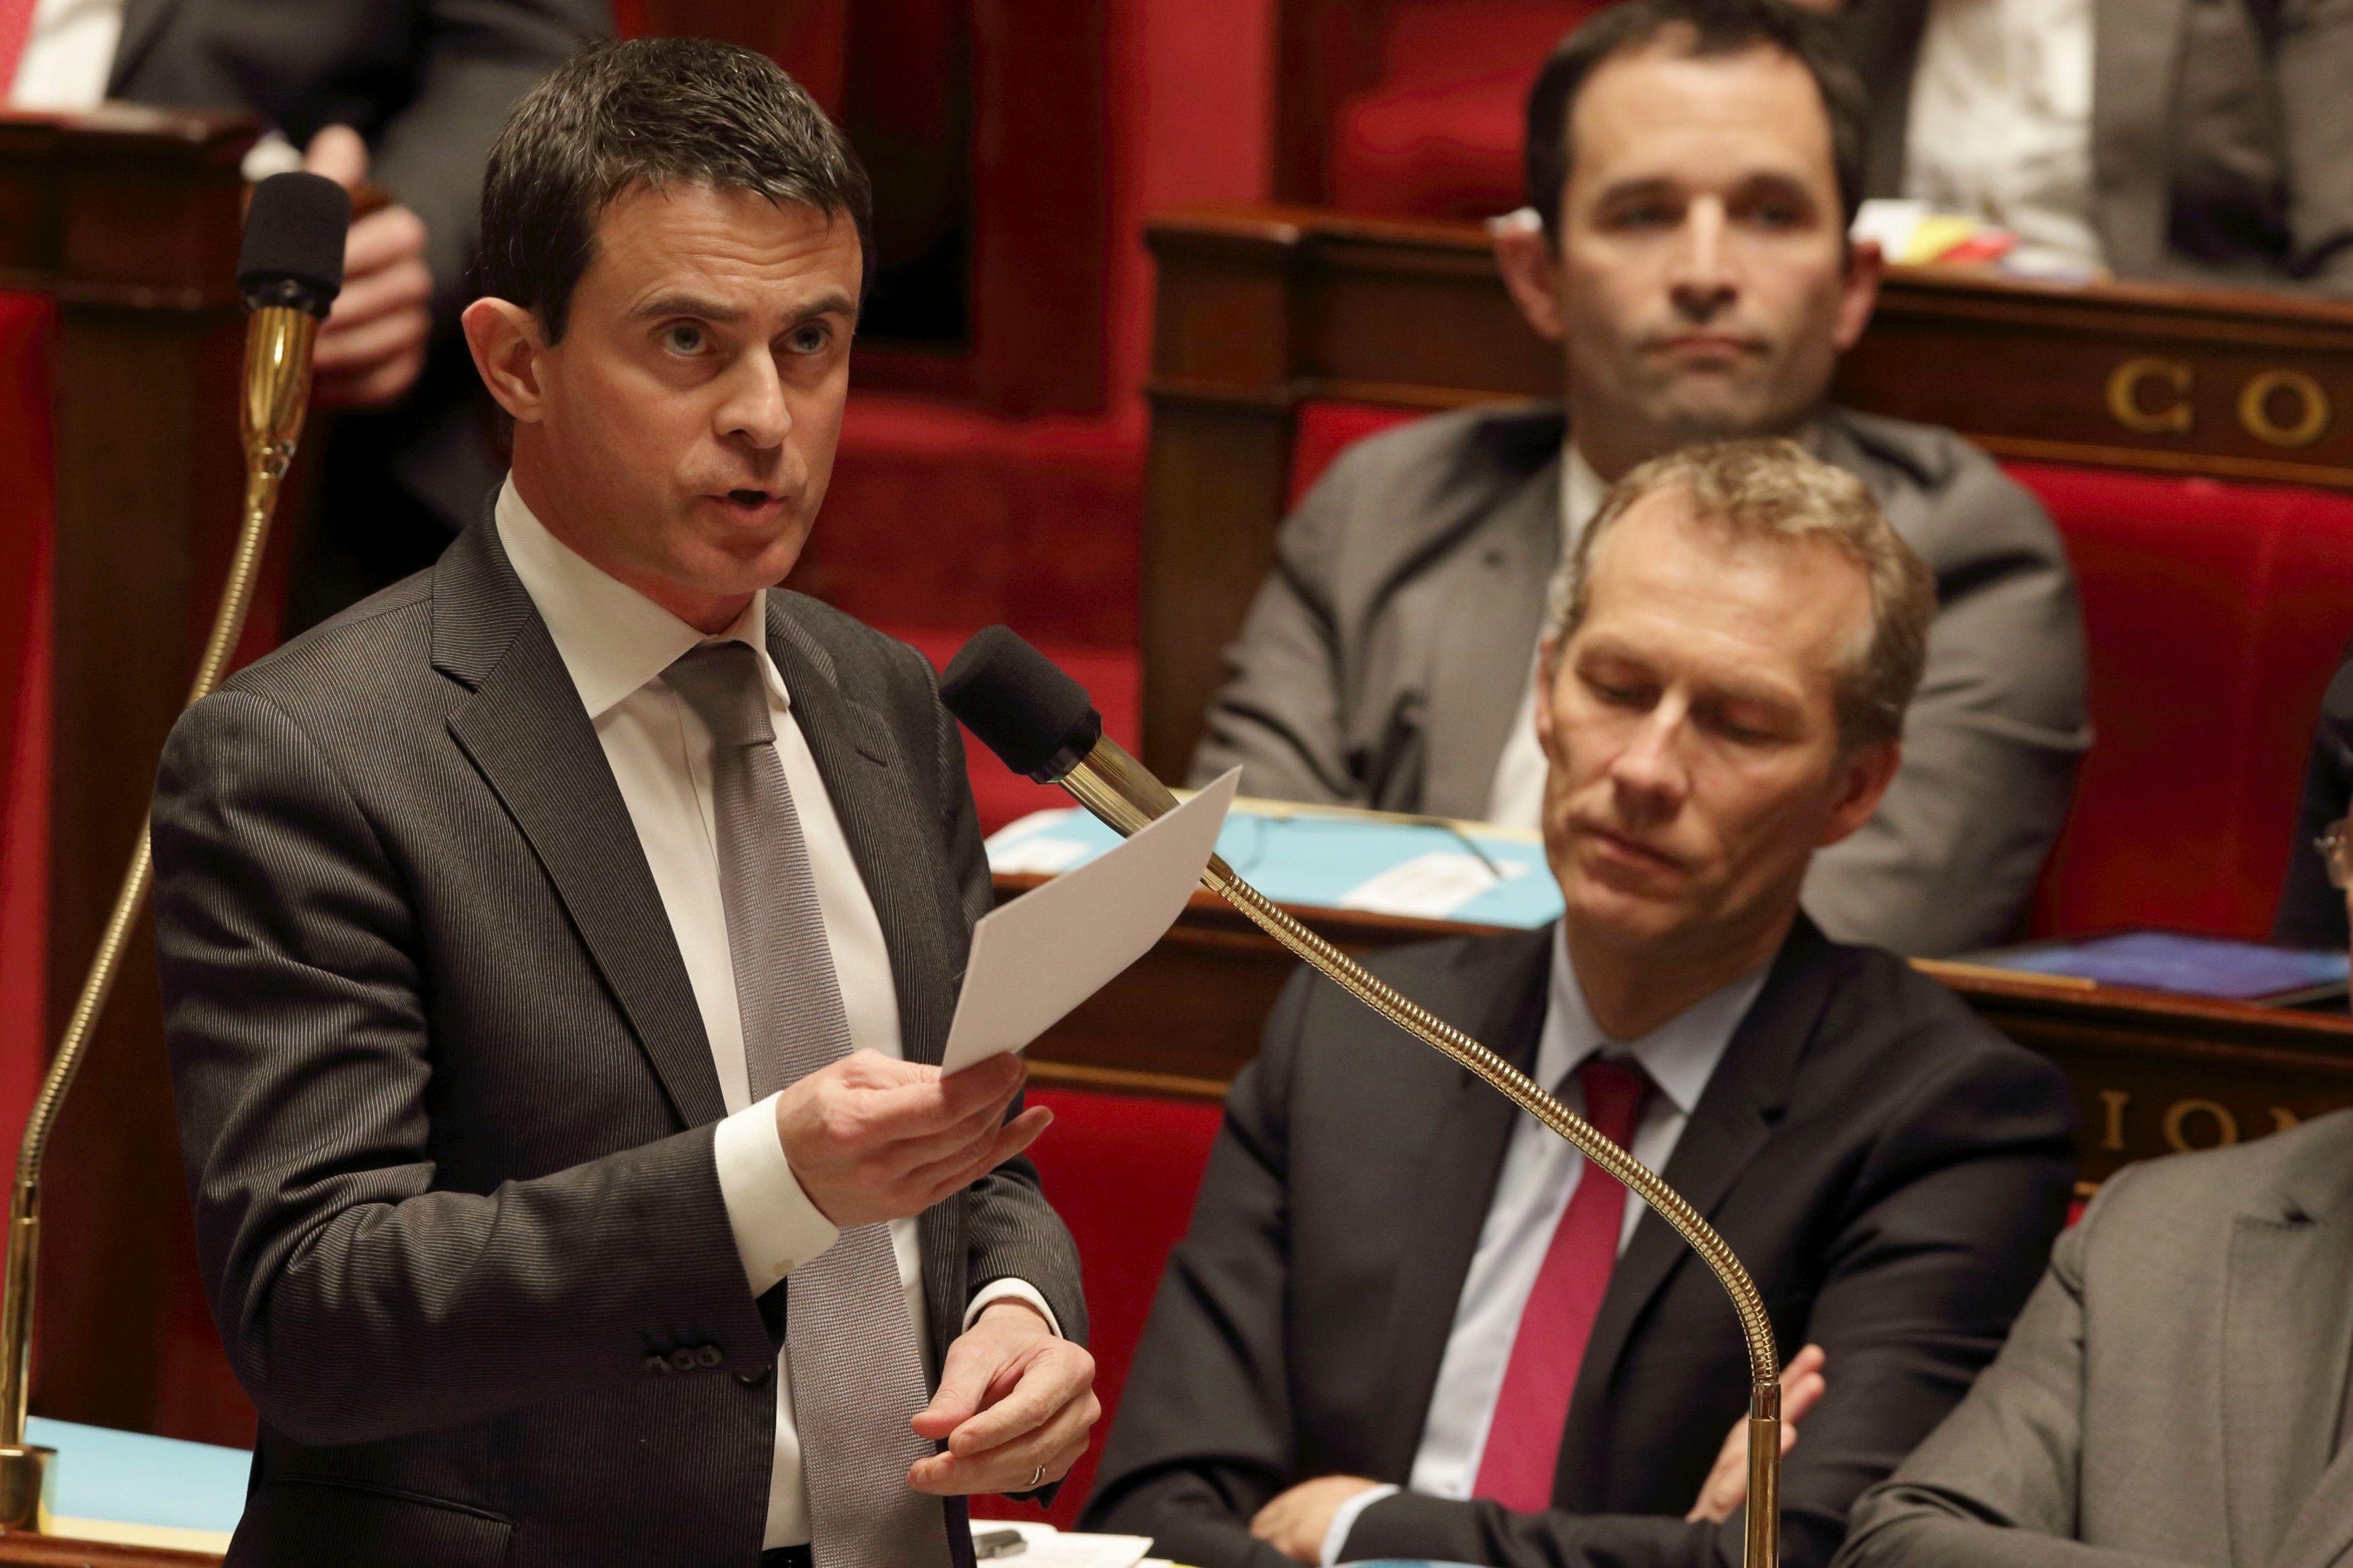 Fiscalité, réforme territoriale, rythmes scolaires, politique énergétique... Ce que Manuel Valls souhaite faire